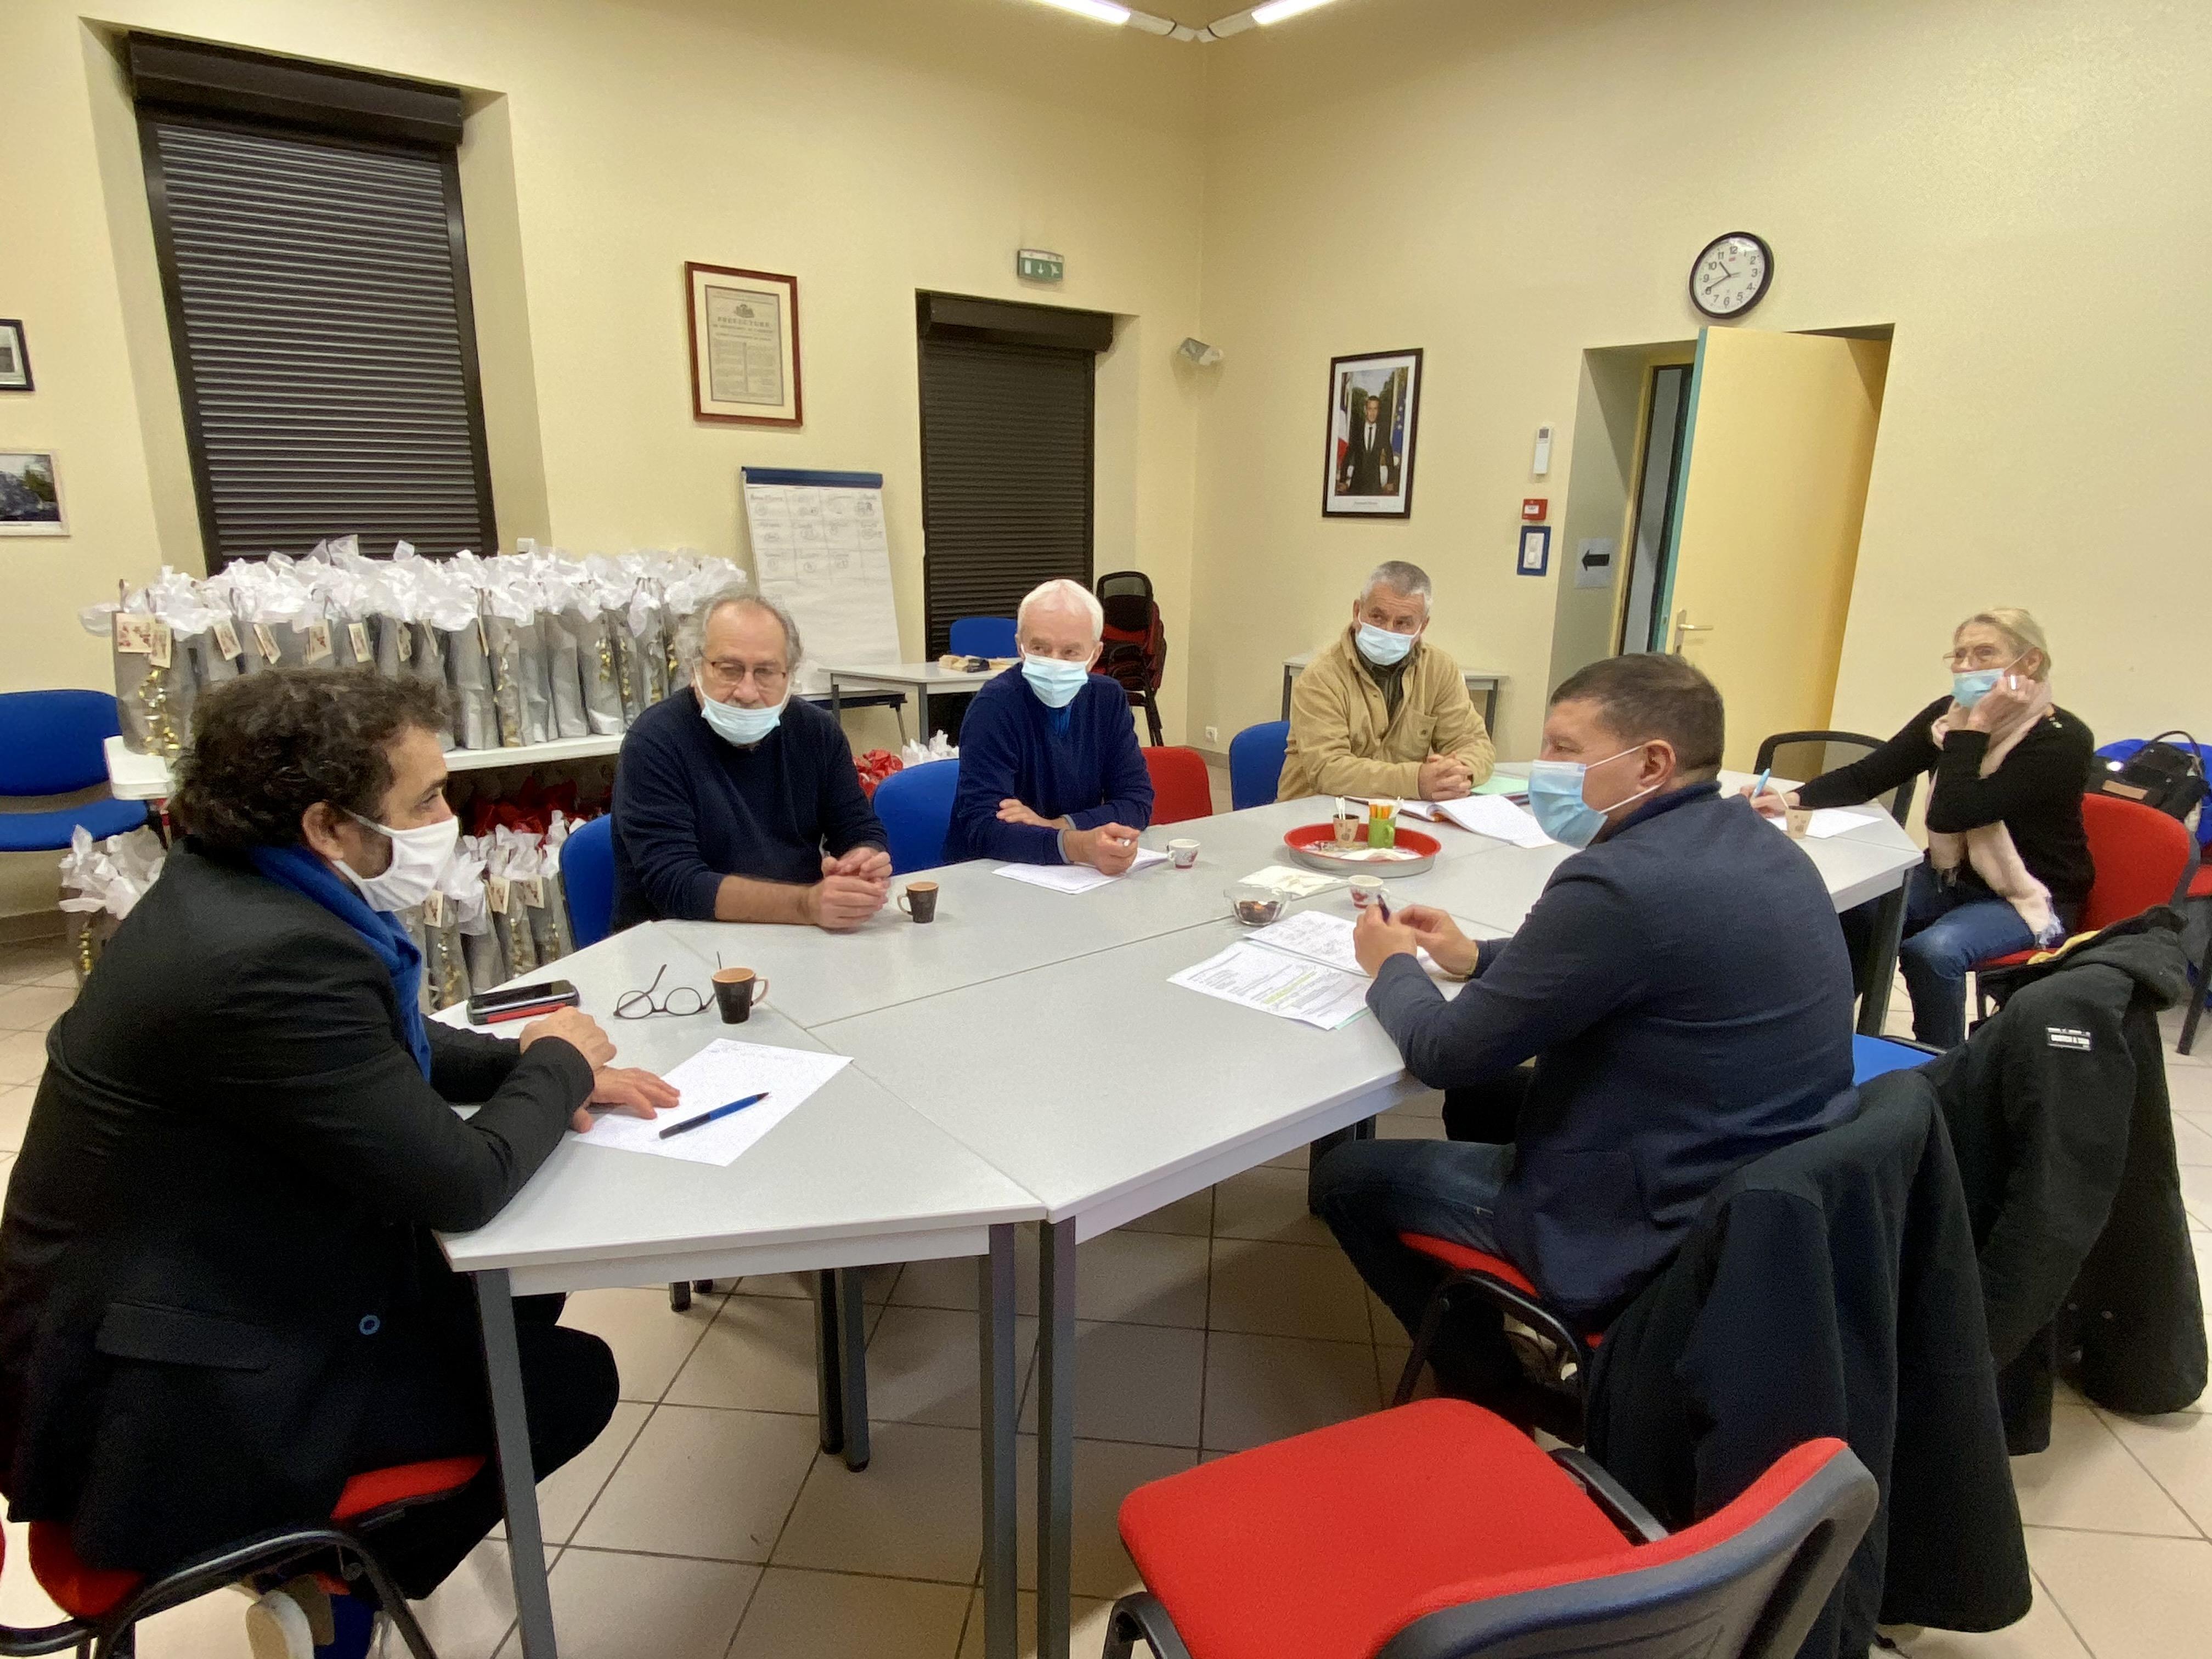 Réunions de travail avec les équipes municipales de Saint-Alban-Auriolles et Chandolas.